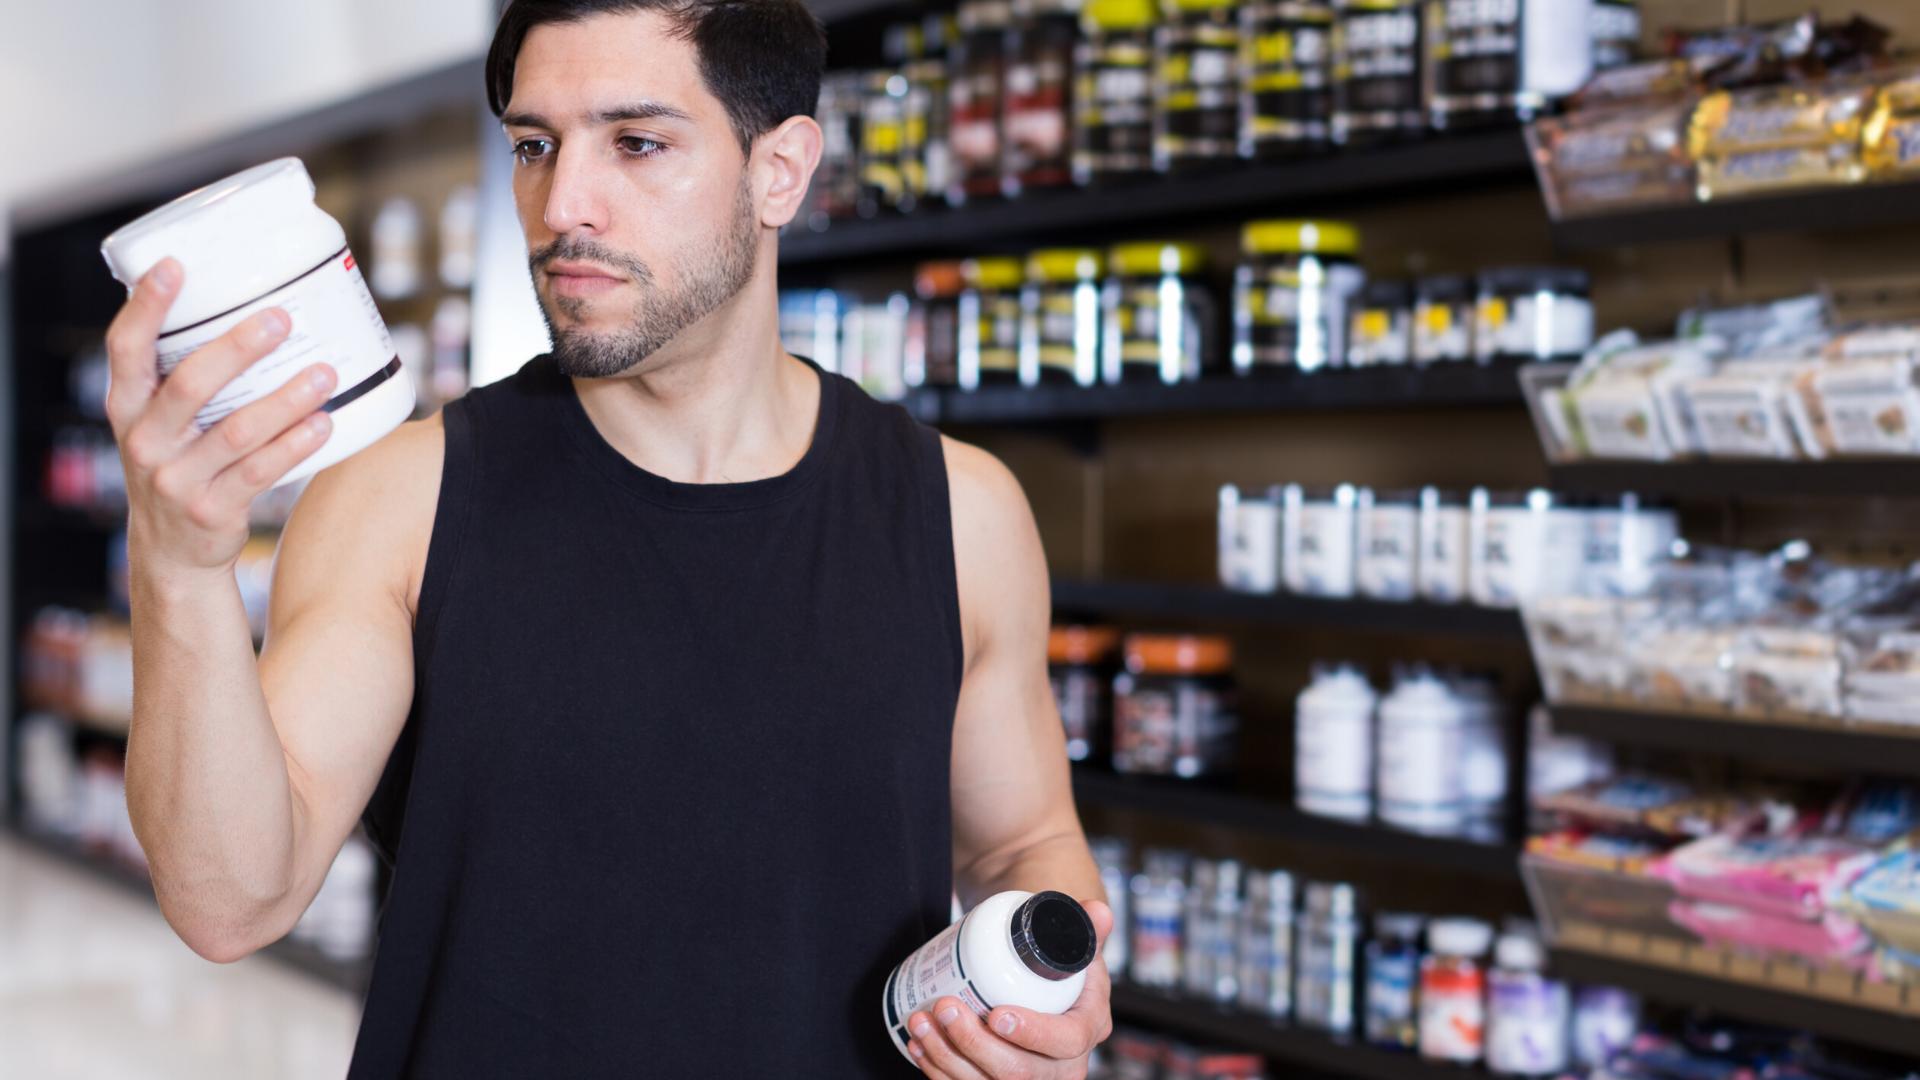 W jaki sposób suplementy diety mogą wpływać na skład Twojego ciała?